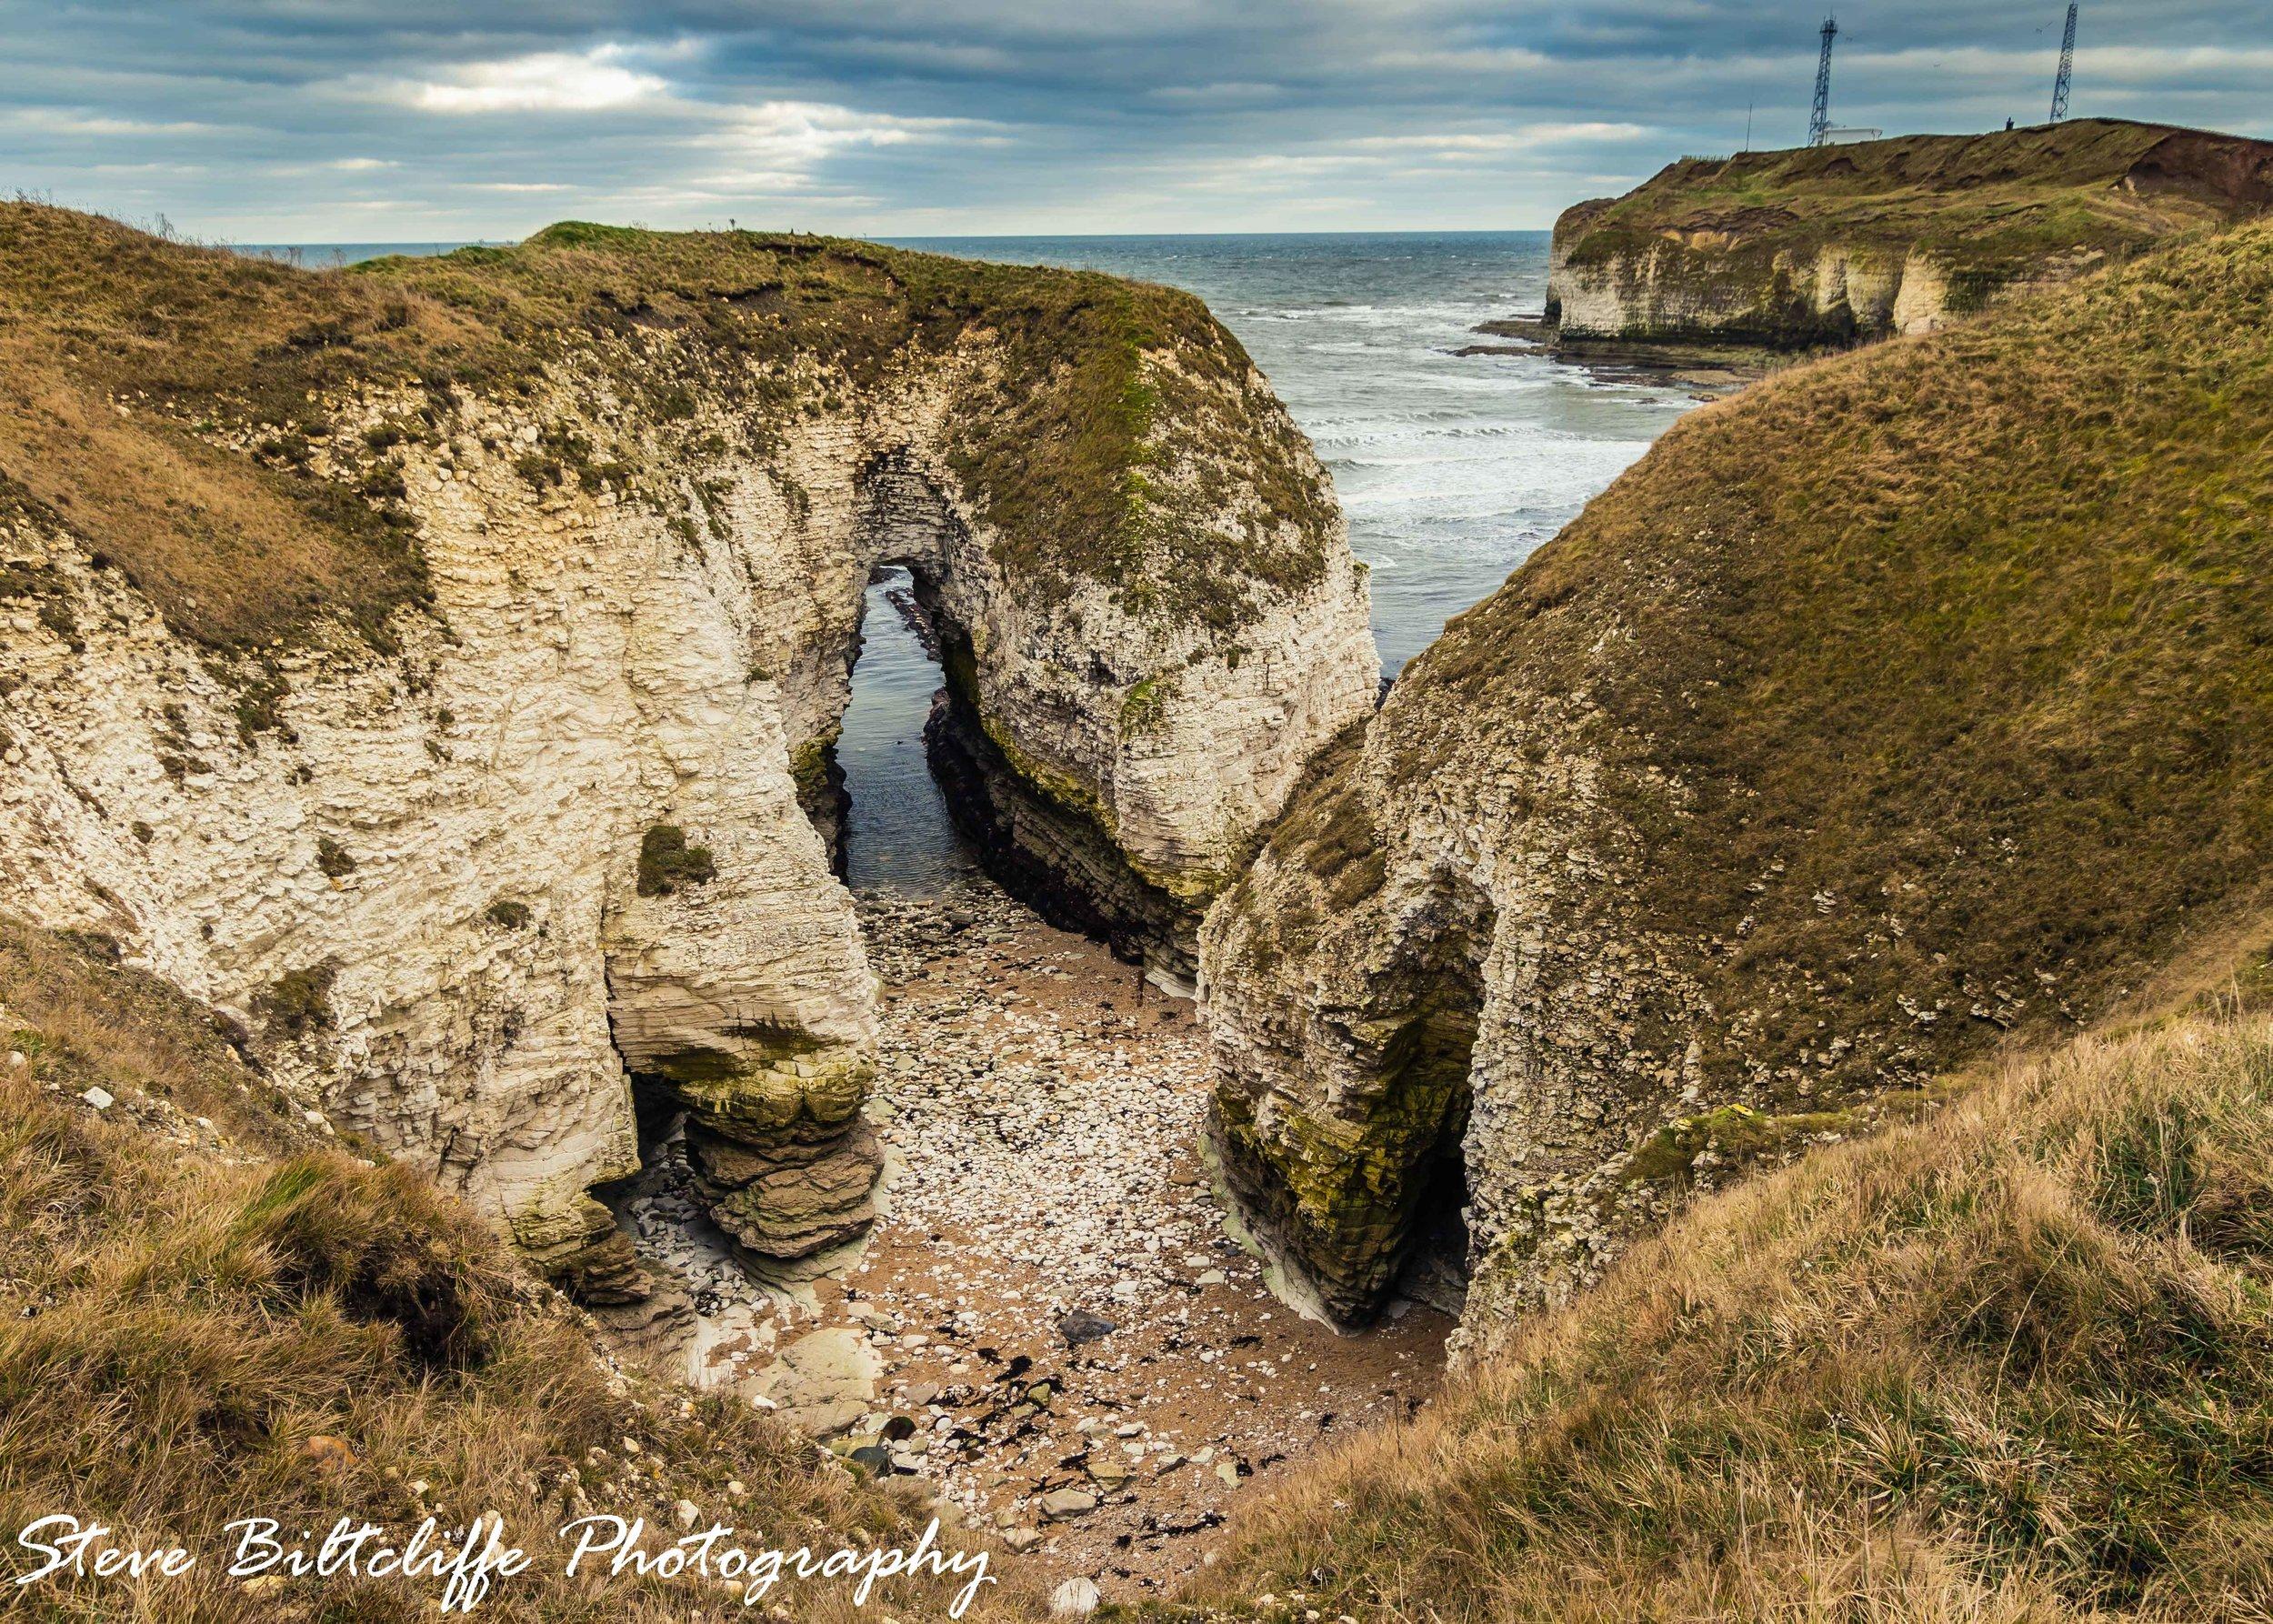 Smugglers caves at Selwicks Bay